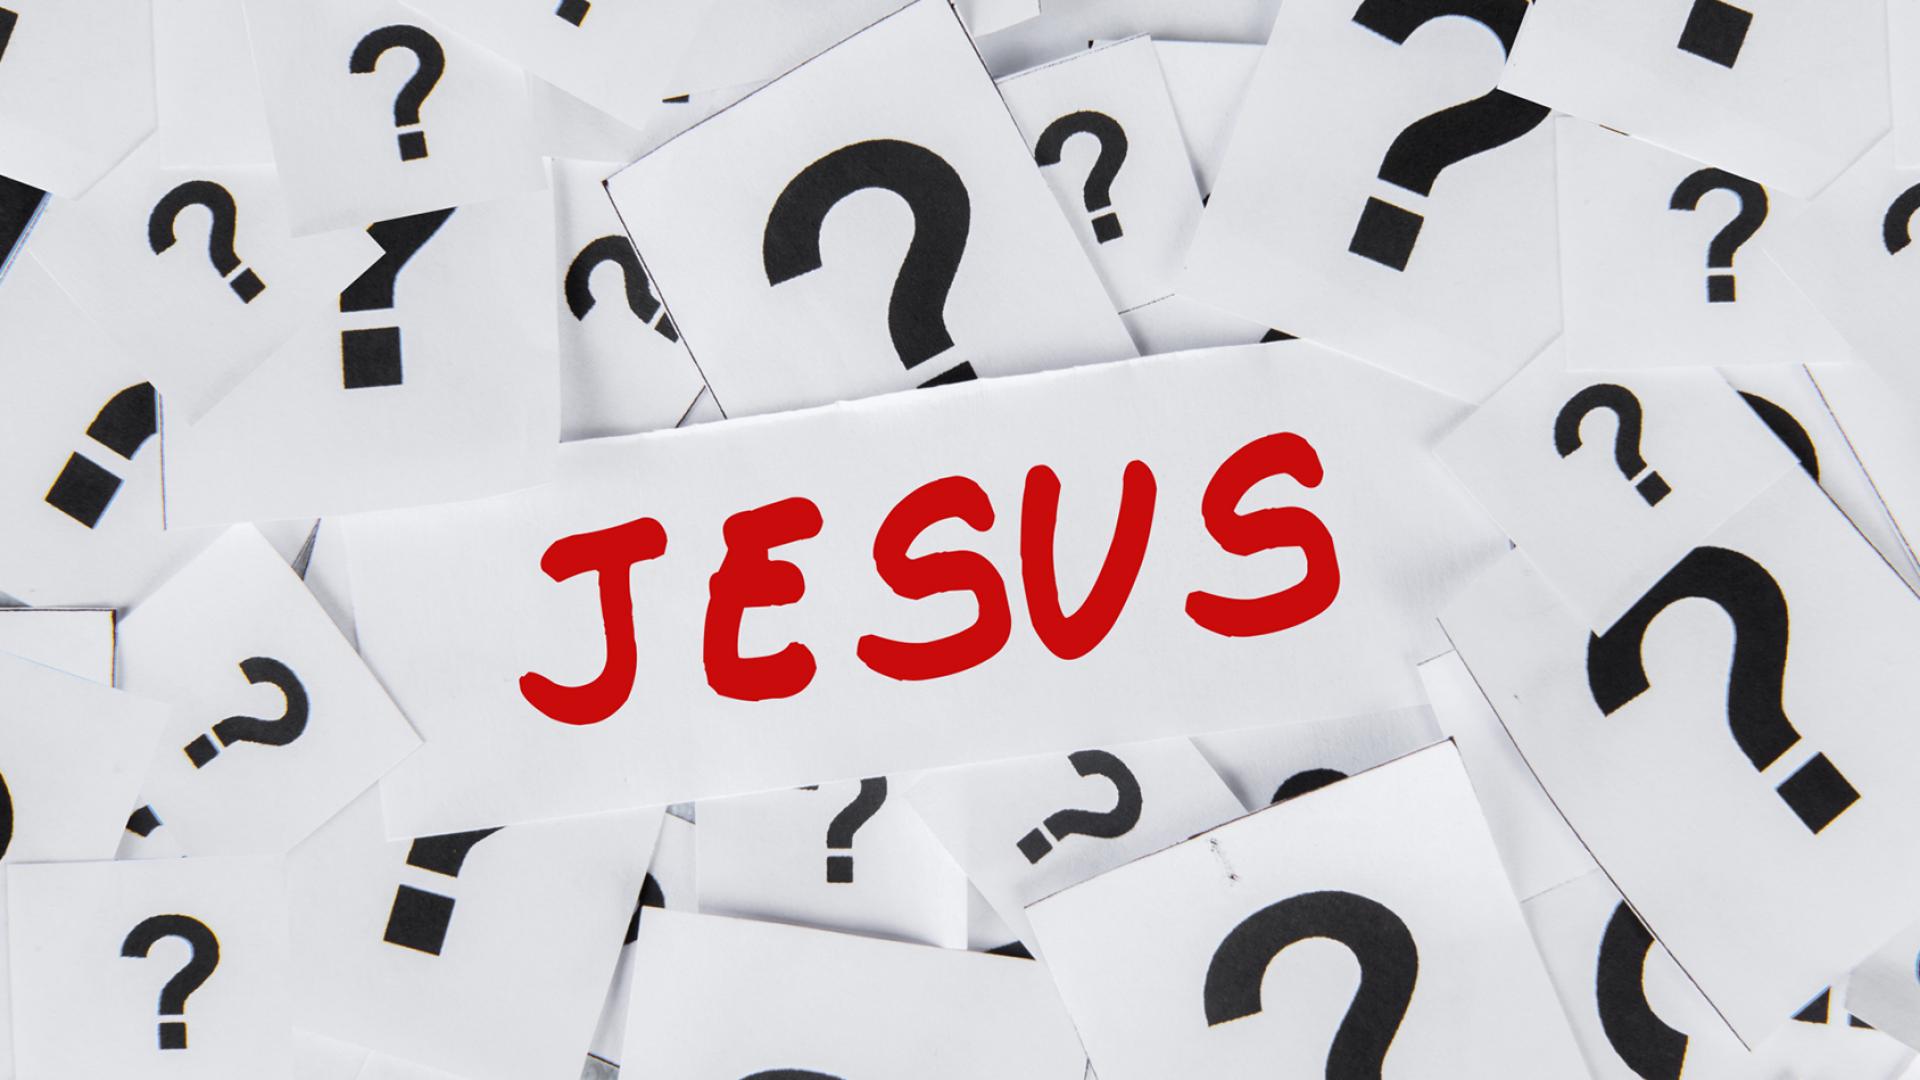 Nuestra respuesta a Jesús